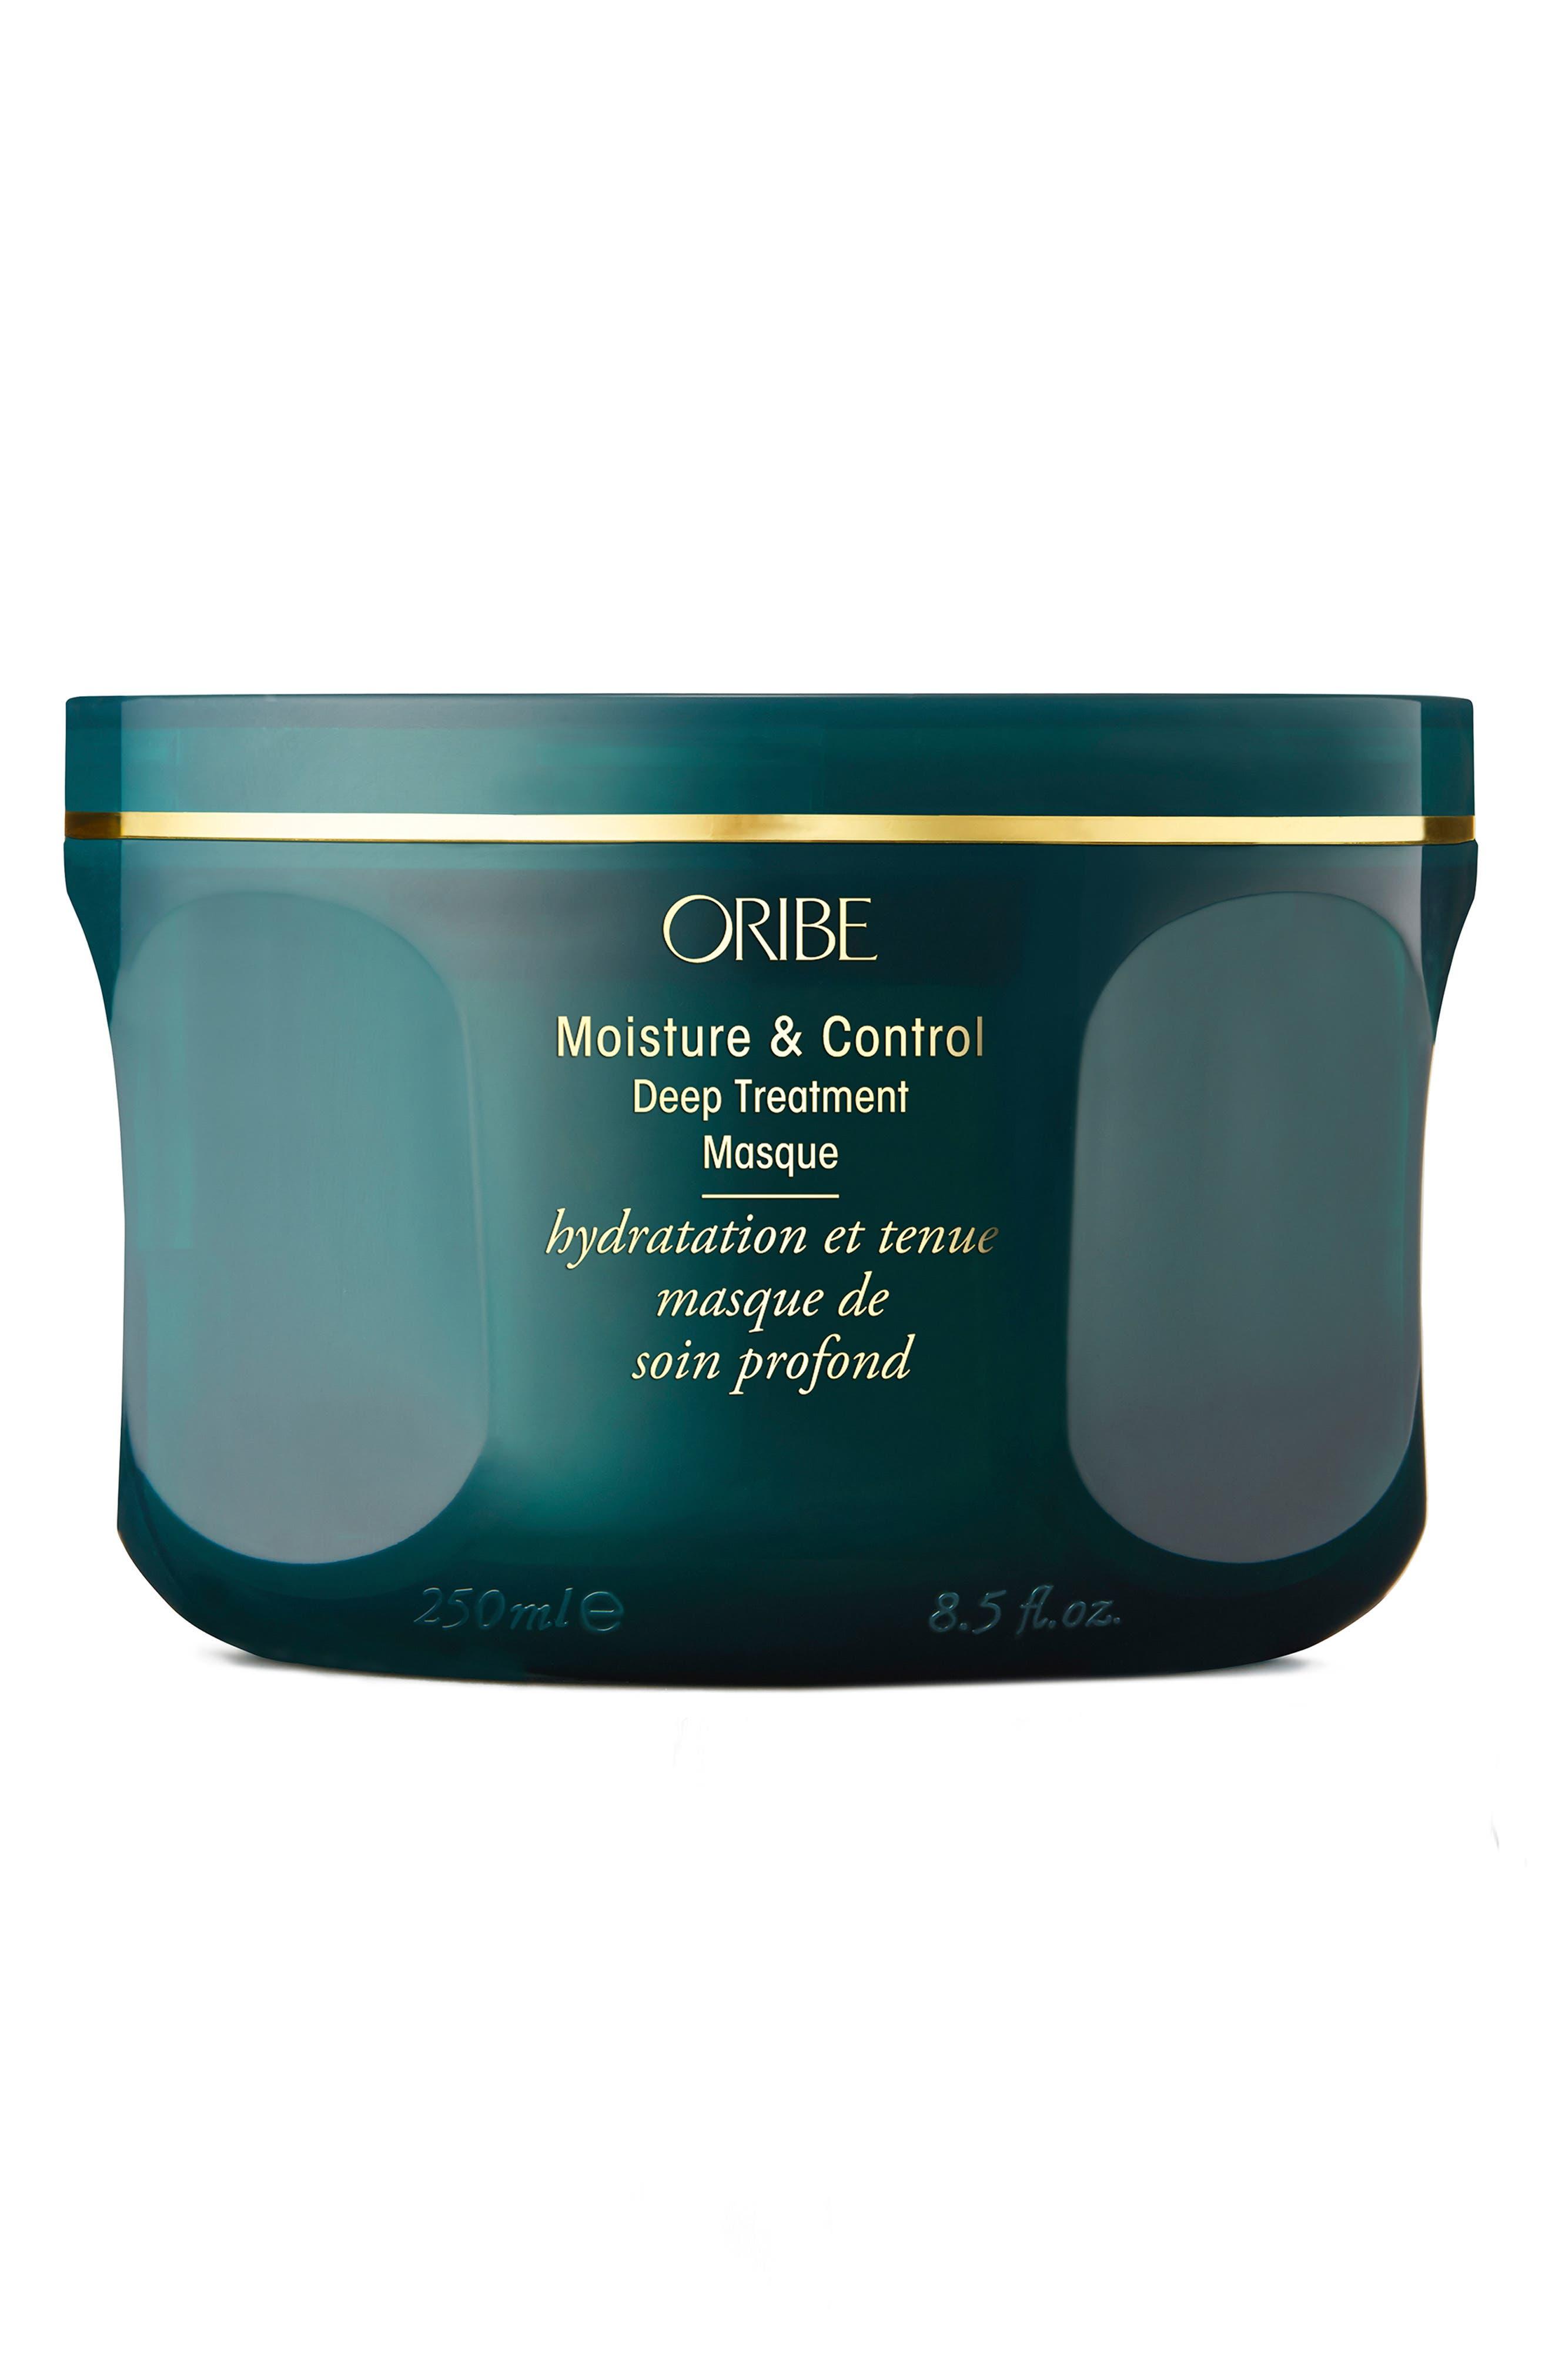 Moisture & Control Deep Treatment Hair Masque